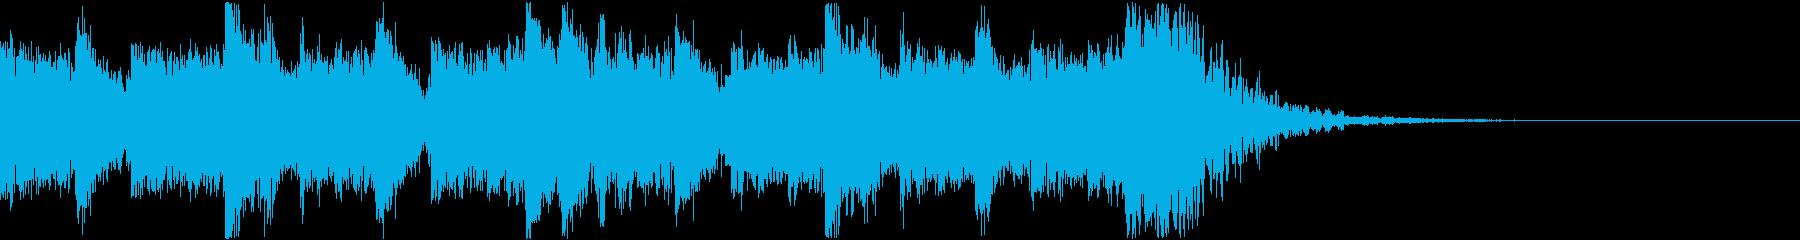 ディストピア感溢れるギターインストの再生済みの波形